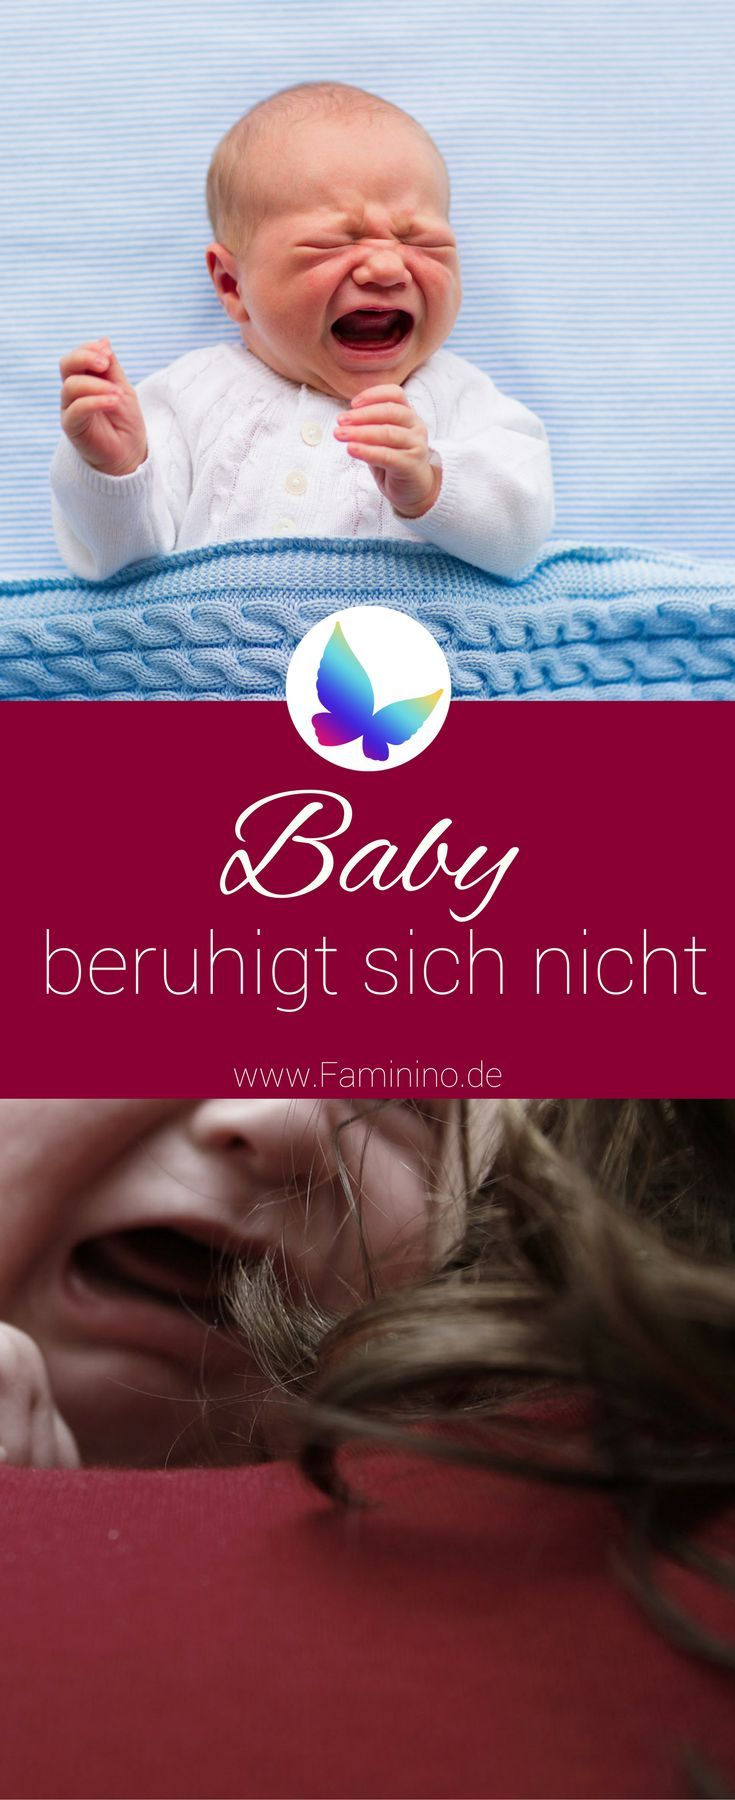 Das Baby lässt sich nicht beruhigen - Wenn Mama hilflos